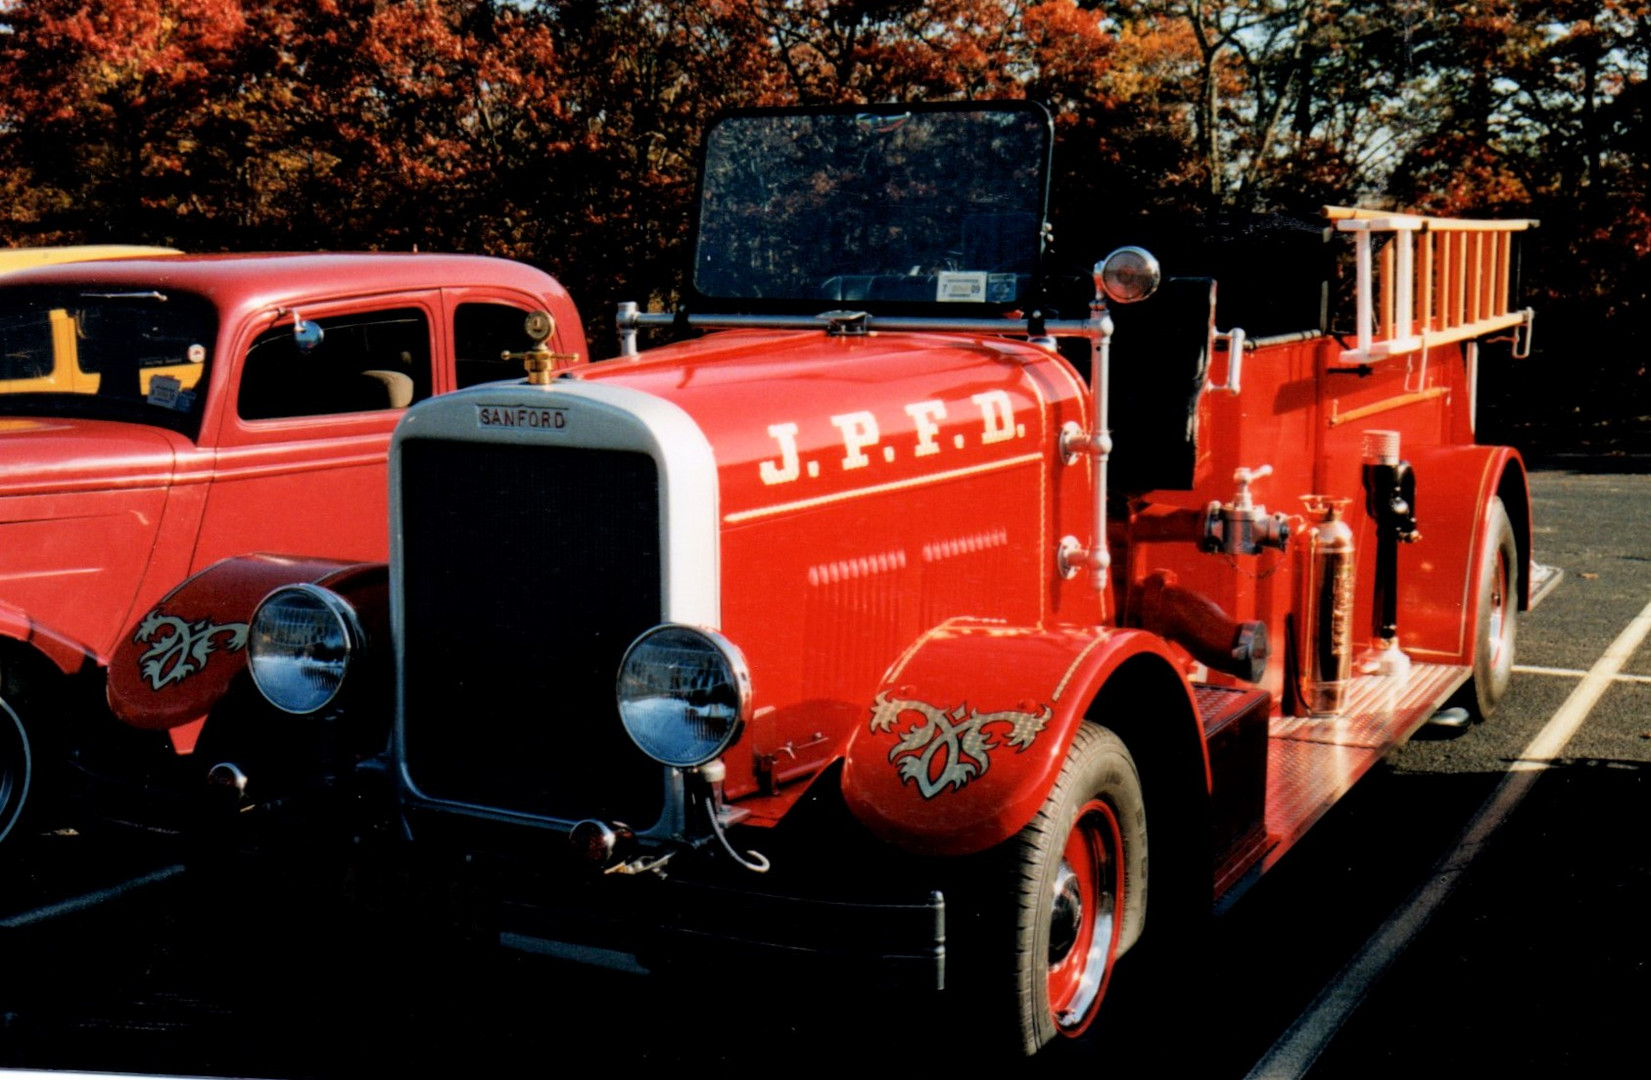 Walter Reutlinger's 1932 Sanford fire engine